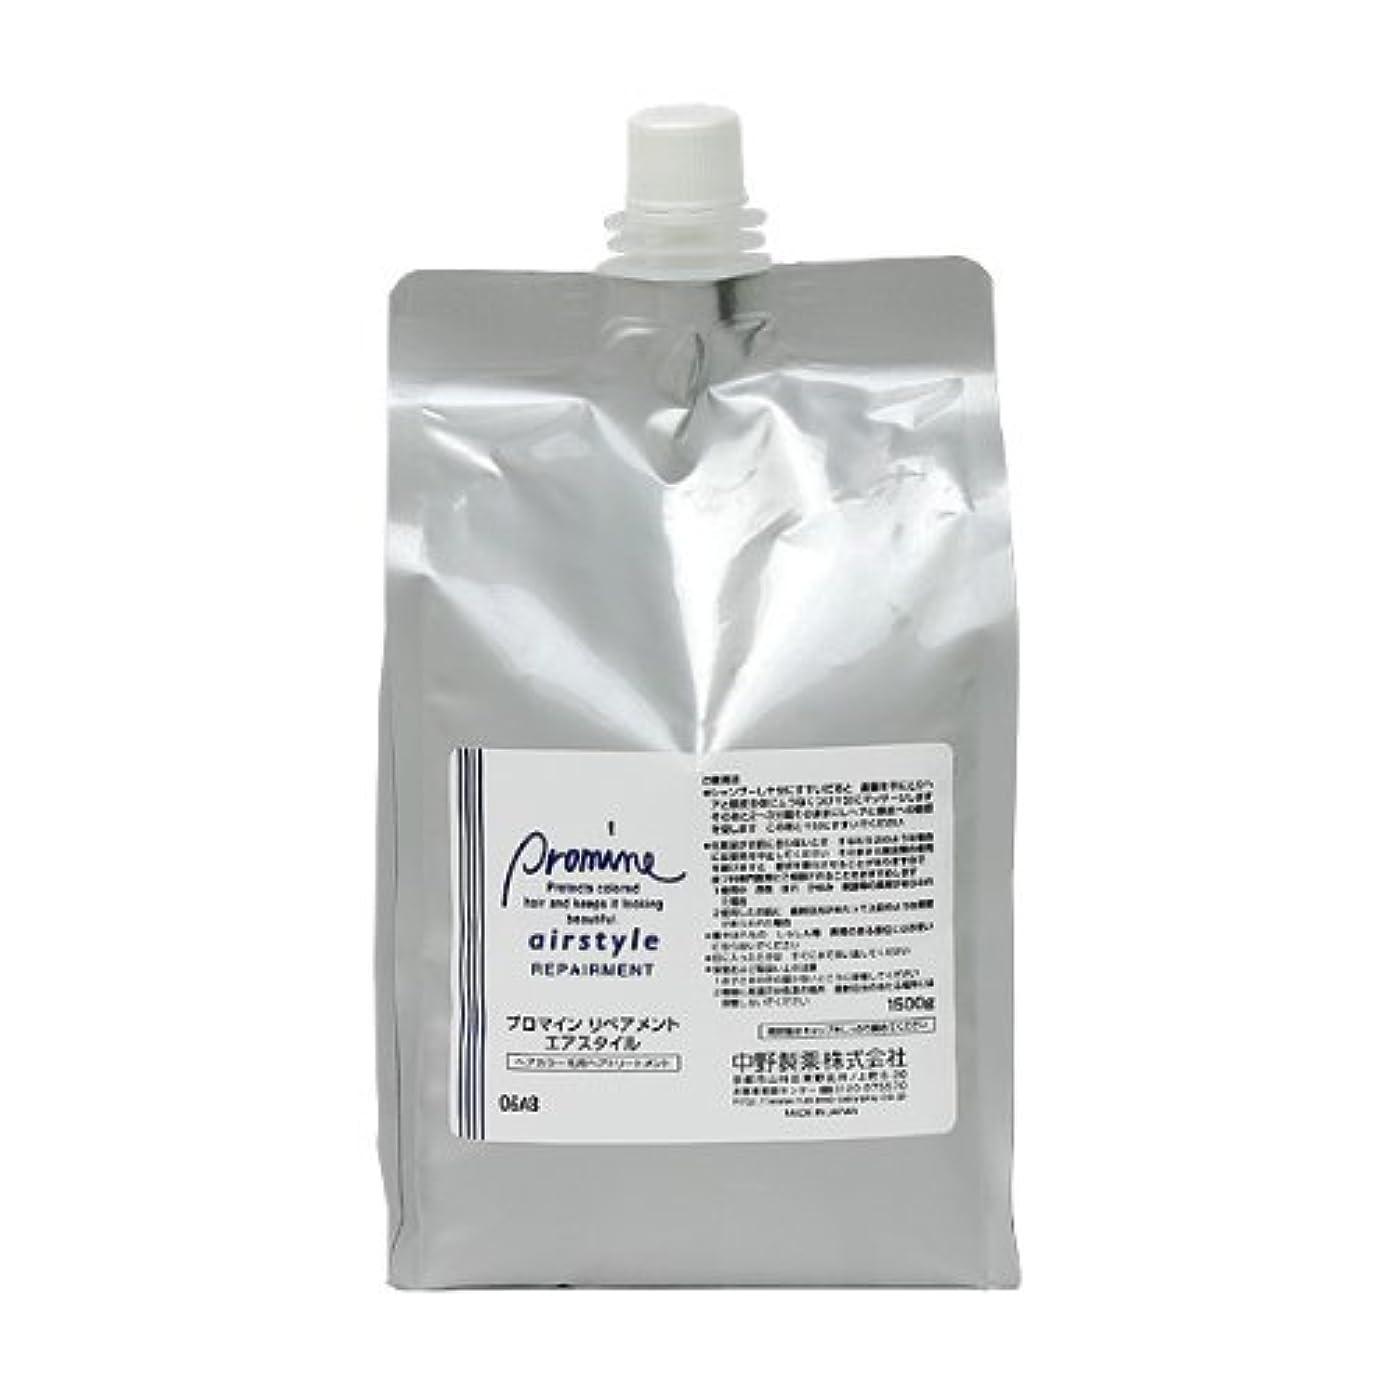 魅惑的な貧しいブレーク中野製薬 プロマイン リペアメント エアスタイル レフィル 容量1500g